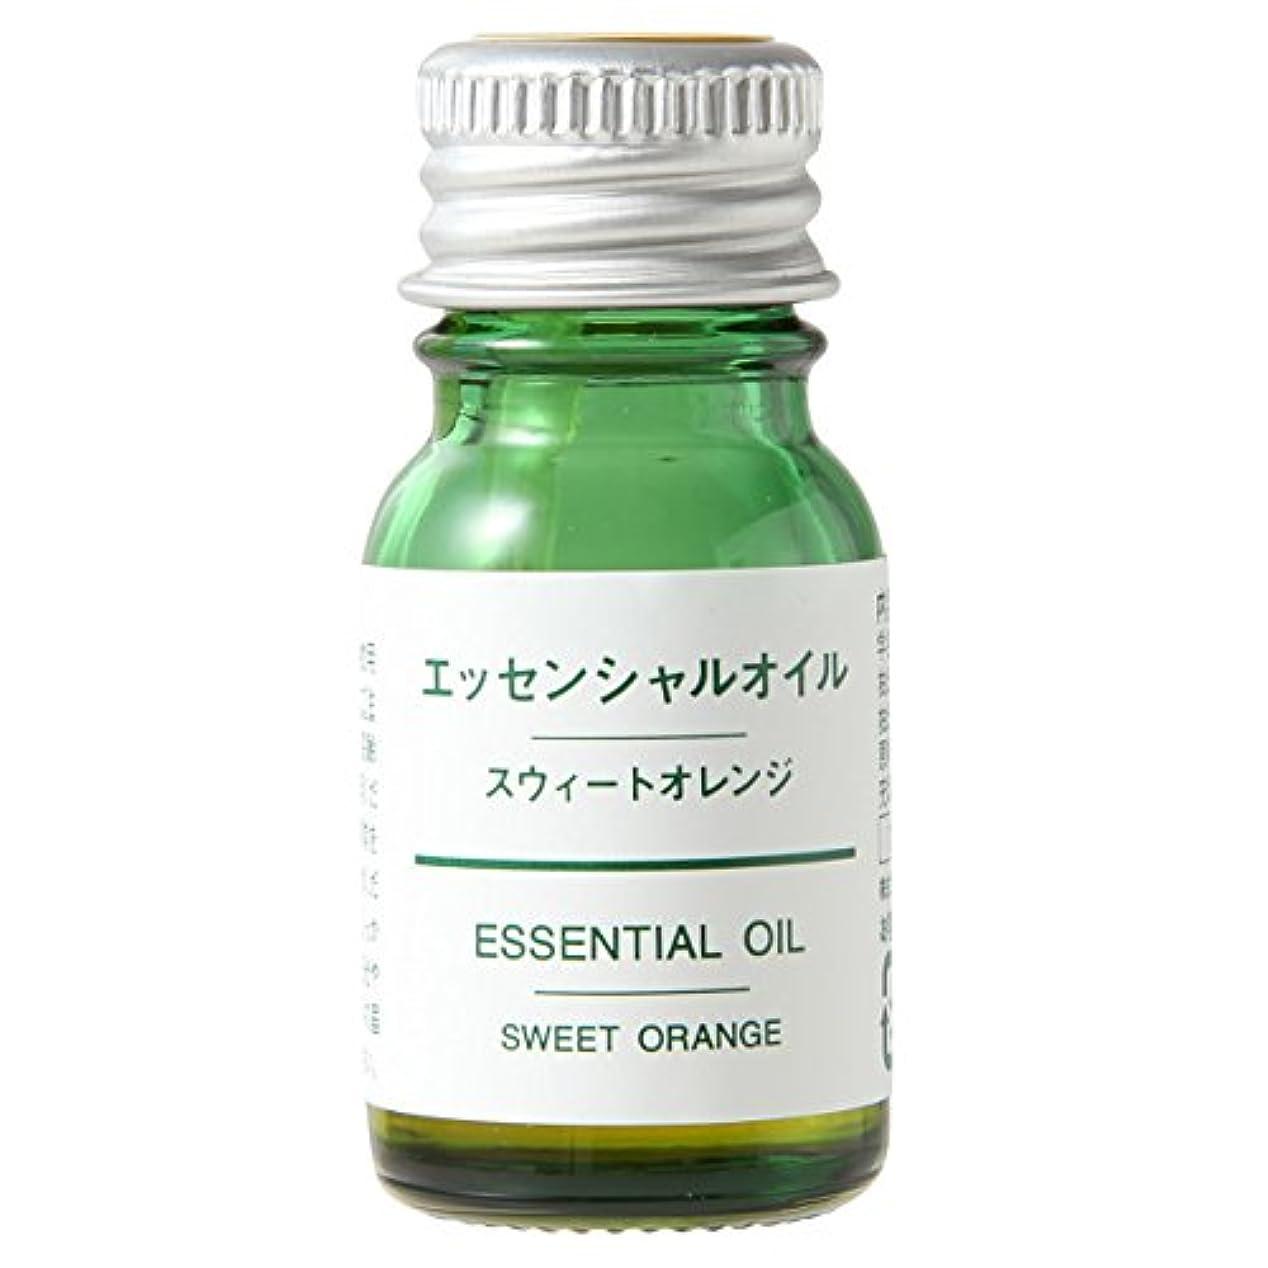 ミリメーター排泄するフライカイト無印良品 エッセンシャルオイル・スウィートオレンジ (新)10ml